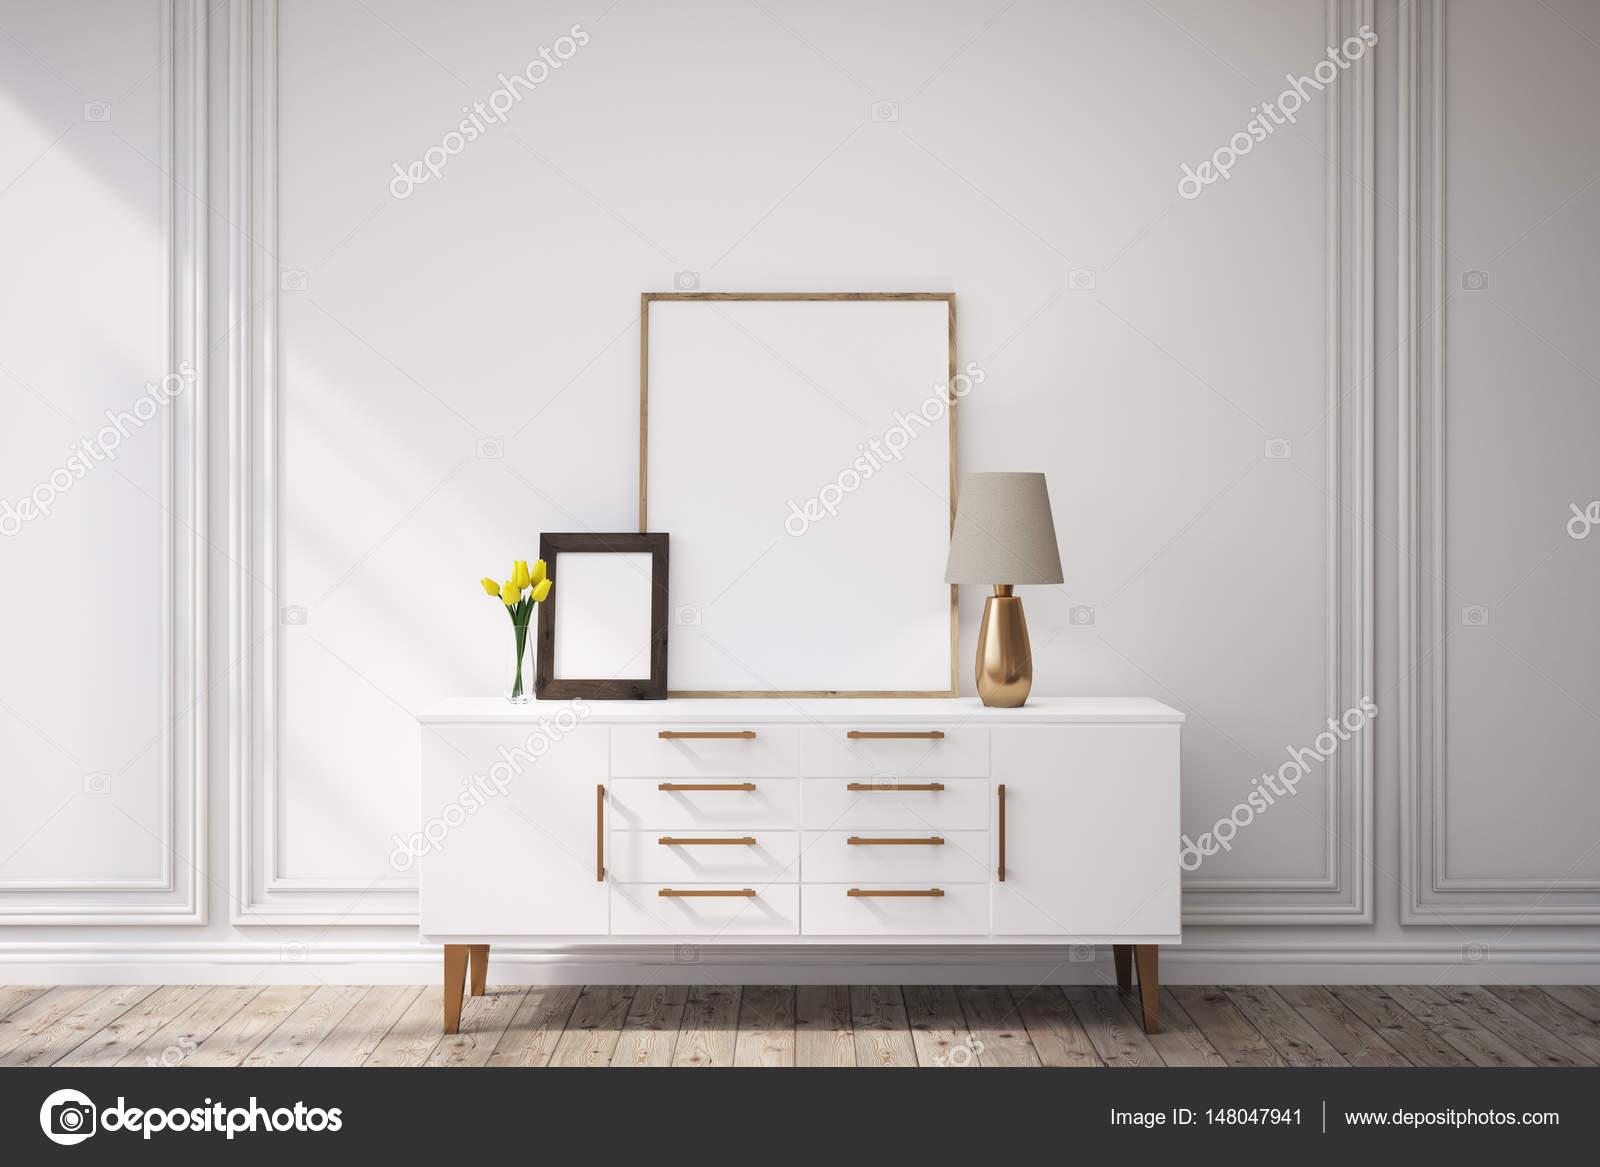 Schrank mit gerahmten Bildern — Stockfoto © denisismagilov #148047941